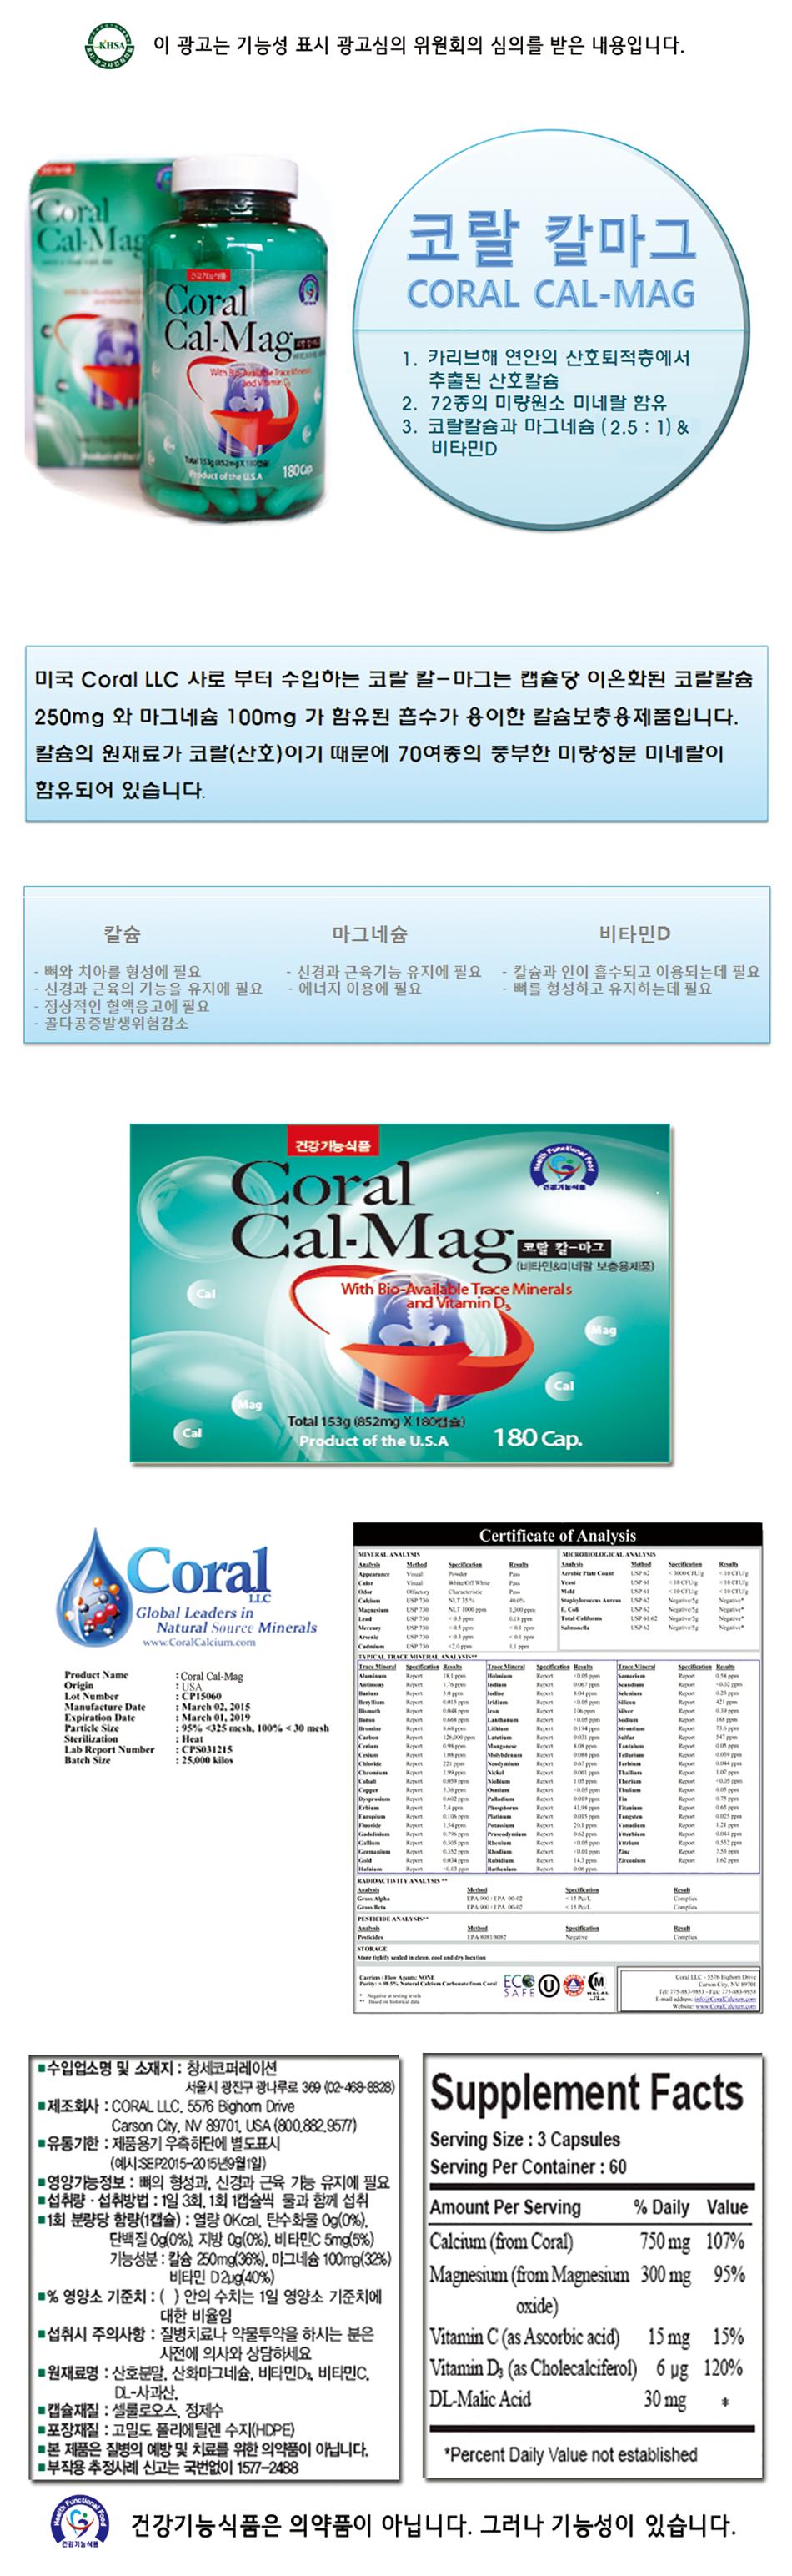 coralcalmag